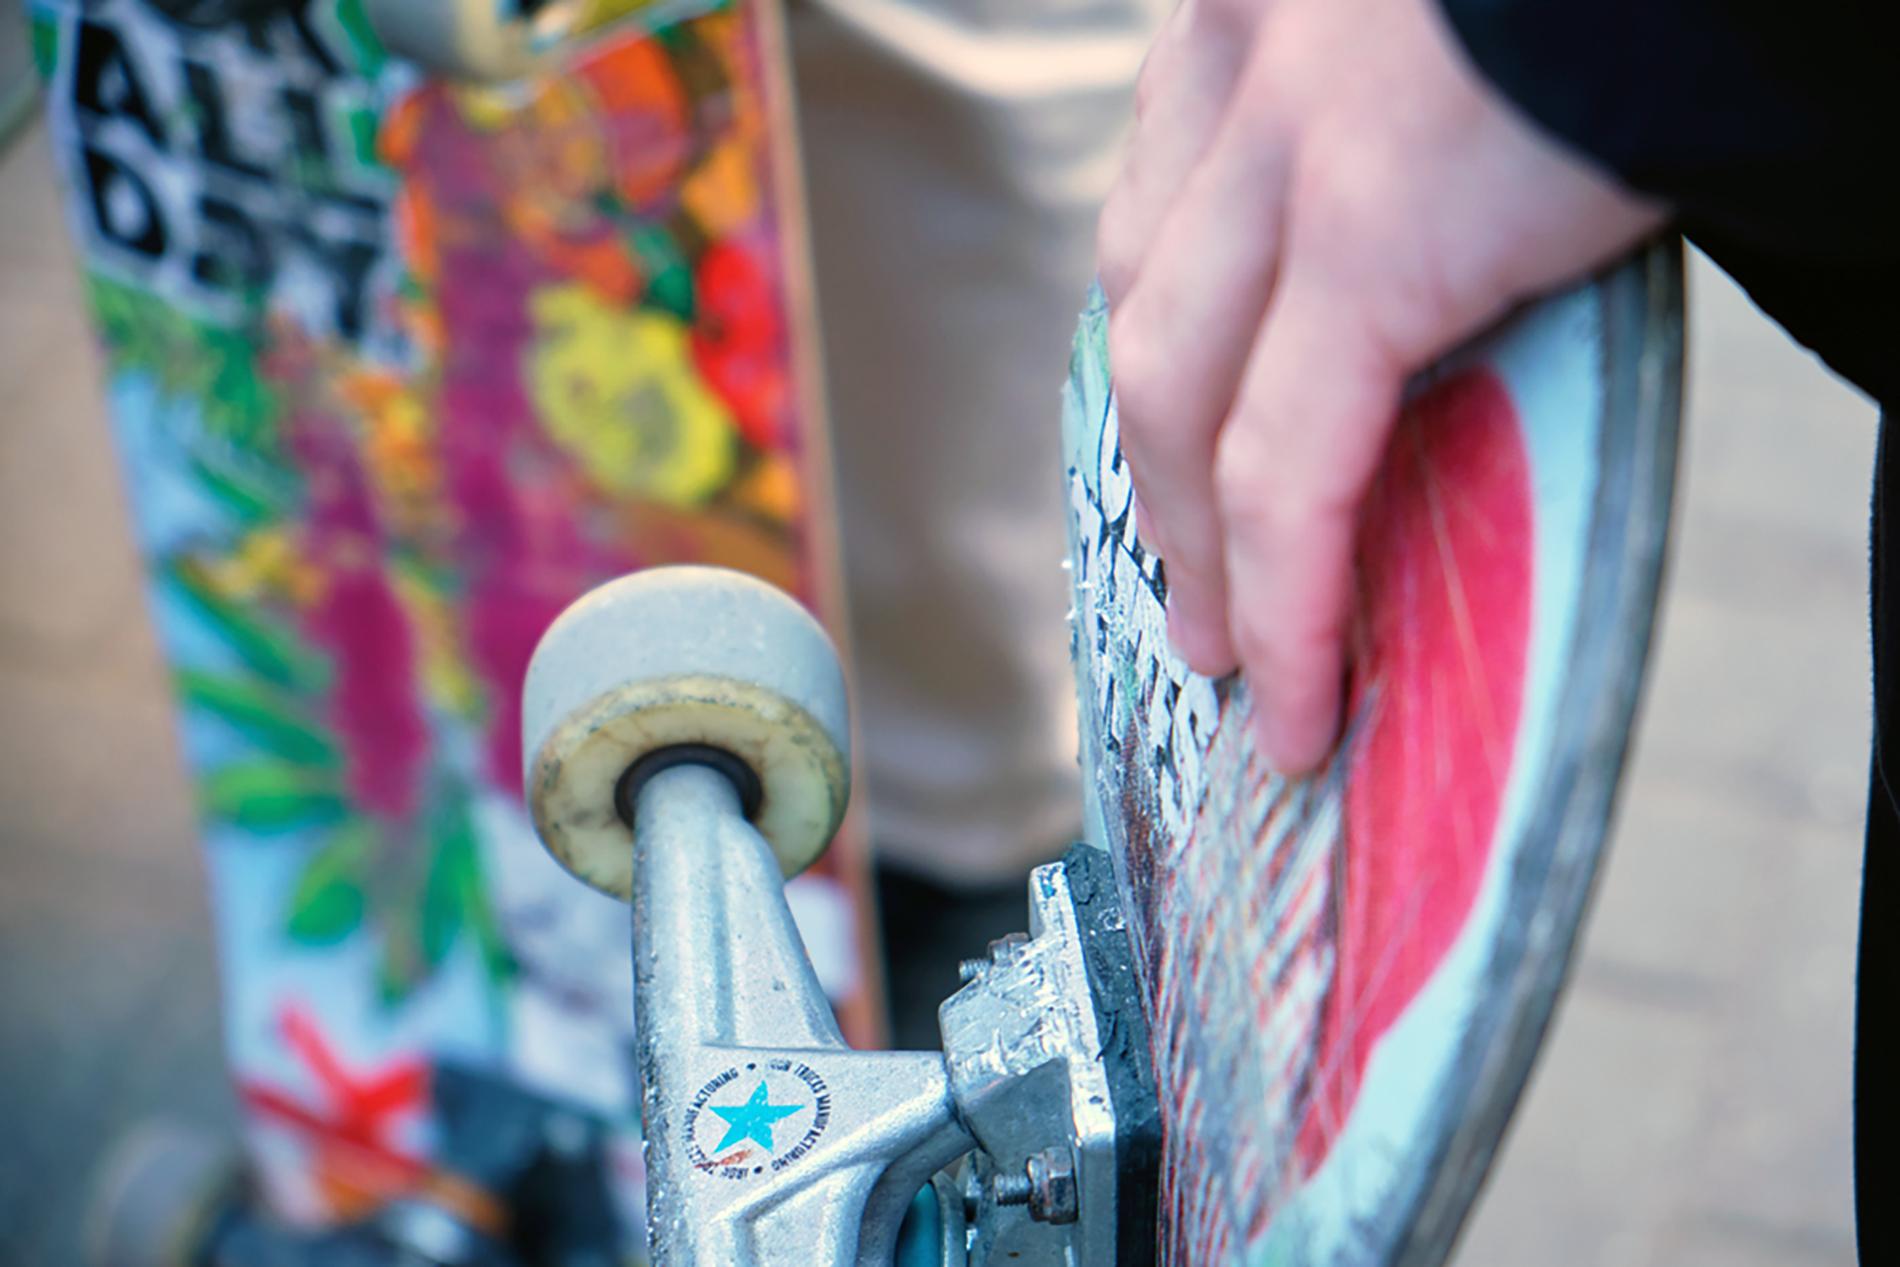 skate pierde în greutate nu poate pierde în greutate pe abilify